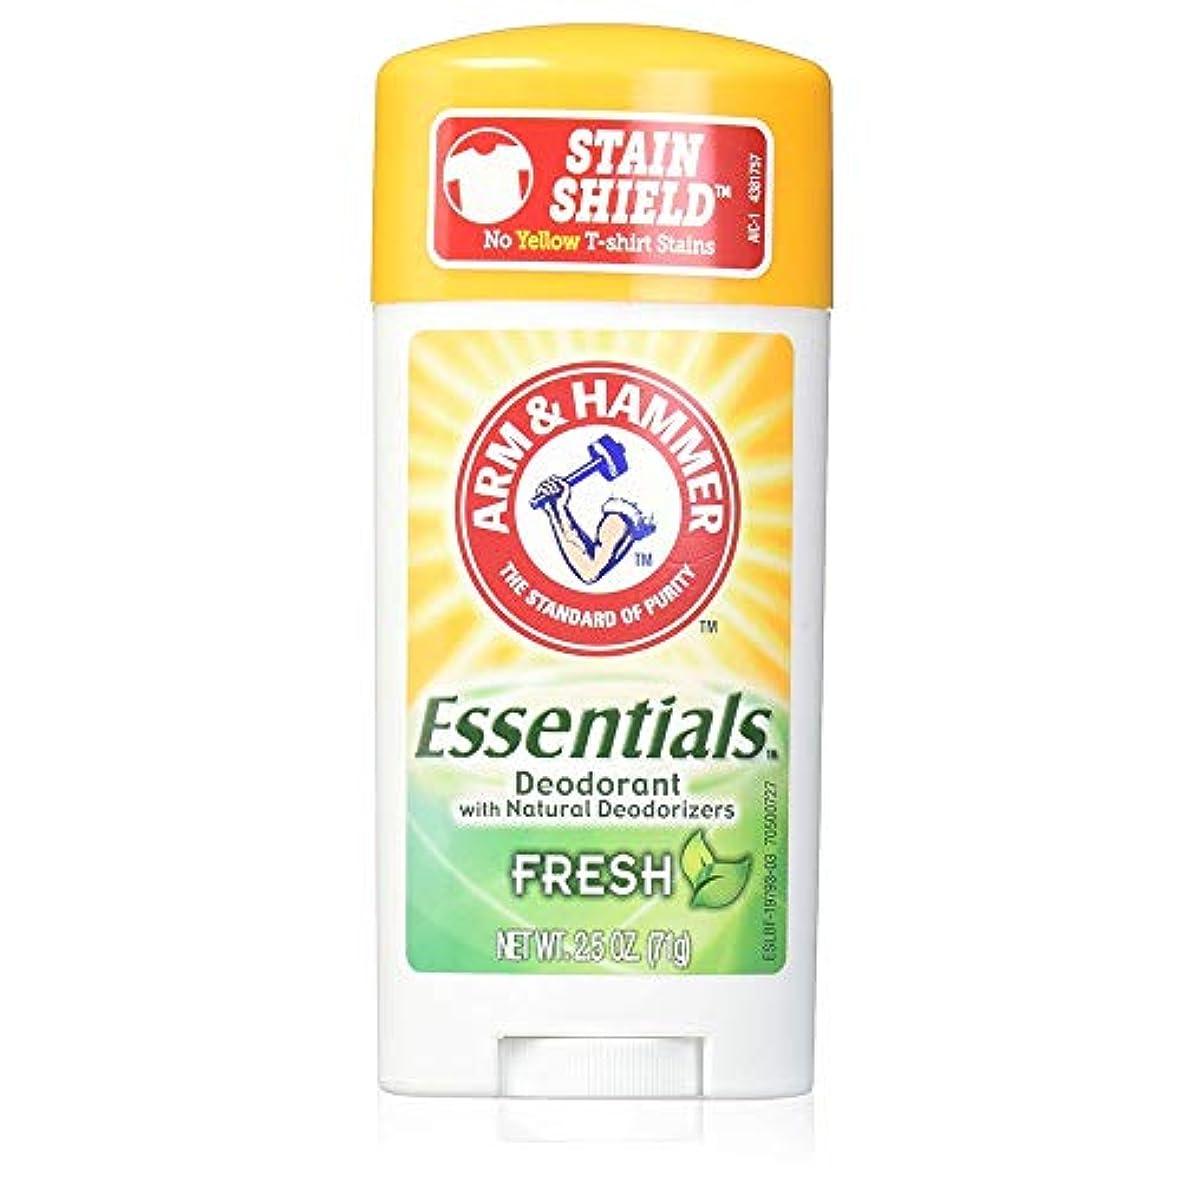 脊椎音節品アーム&ハマー デオドラント【フレッシュ】制汗剤【お風呂上がりの香り】Arm & Hammer Essentials Natural Deodorant Fresh 71?[並行輸入品]